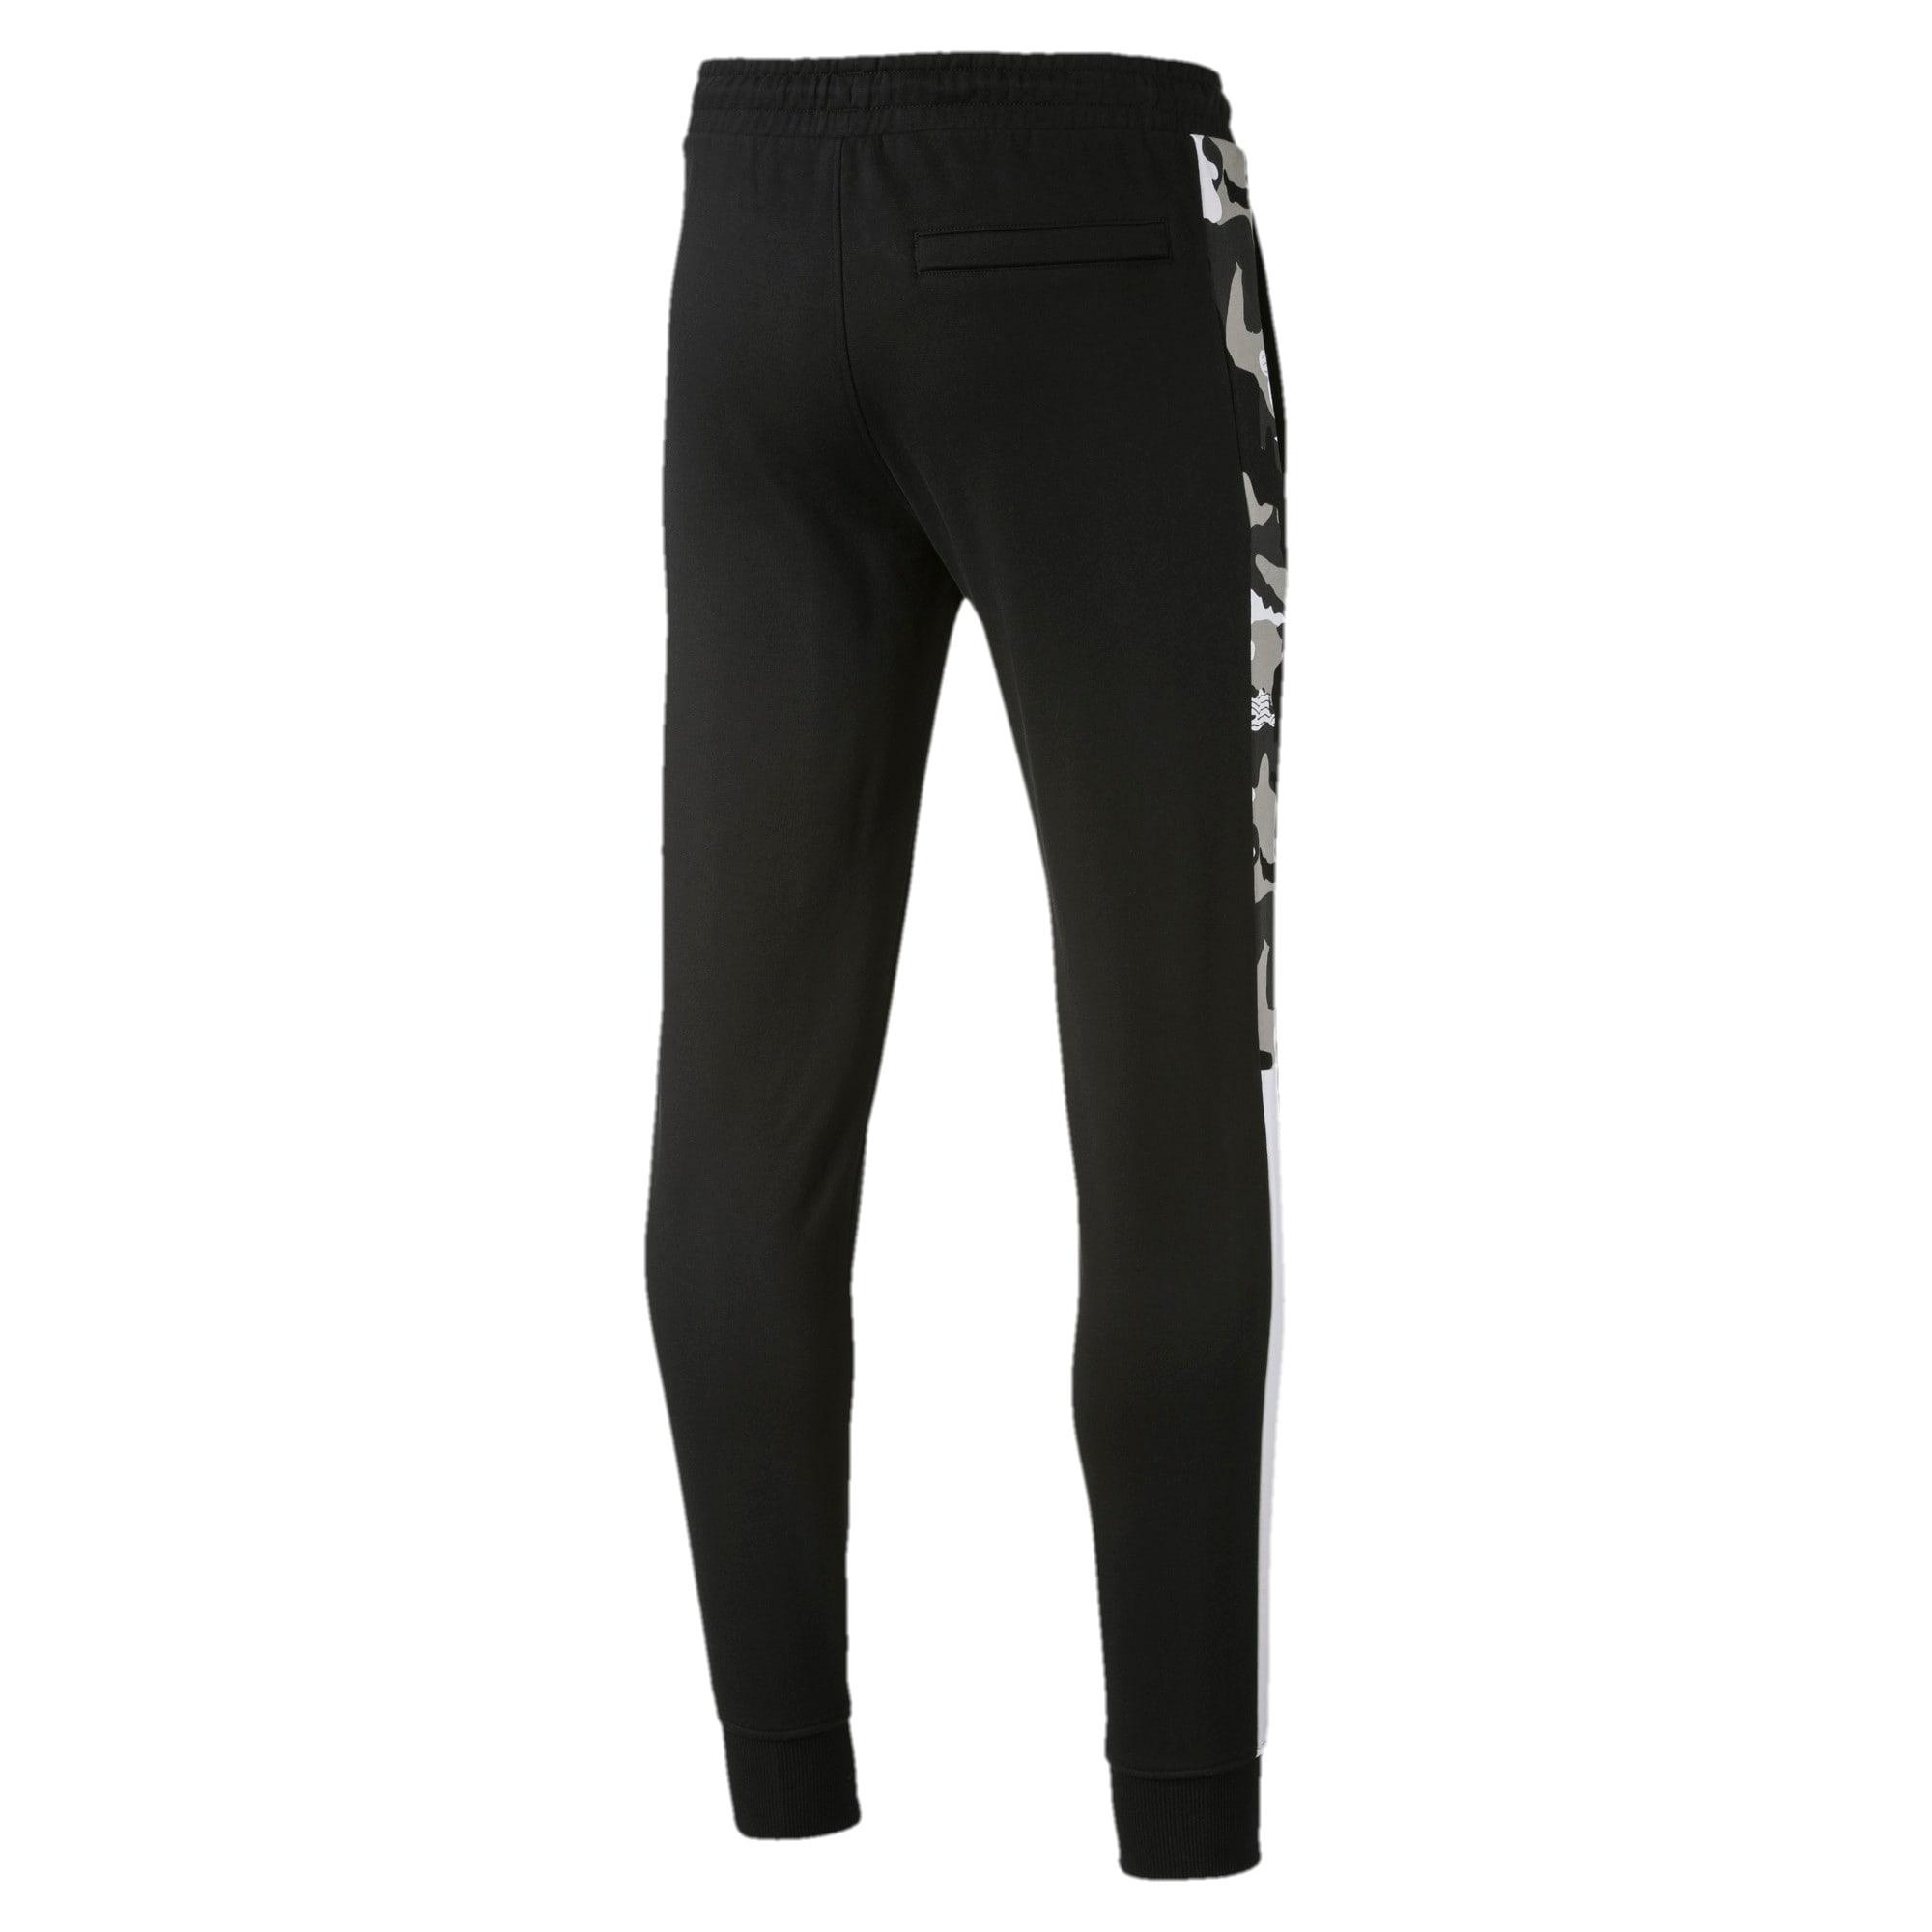 Thumbnail 5 of T7 Men's AOP Track Pants, Puma Black, medium